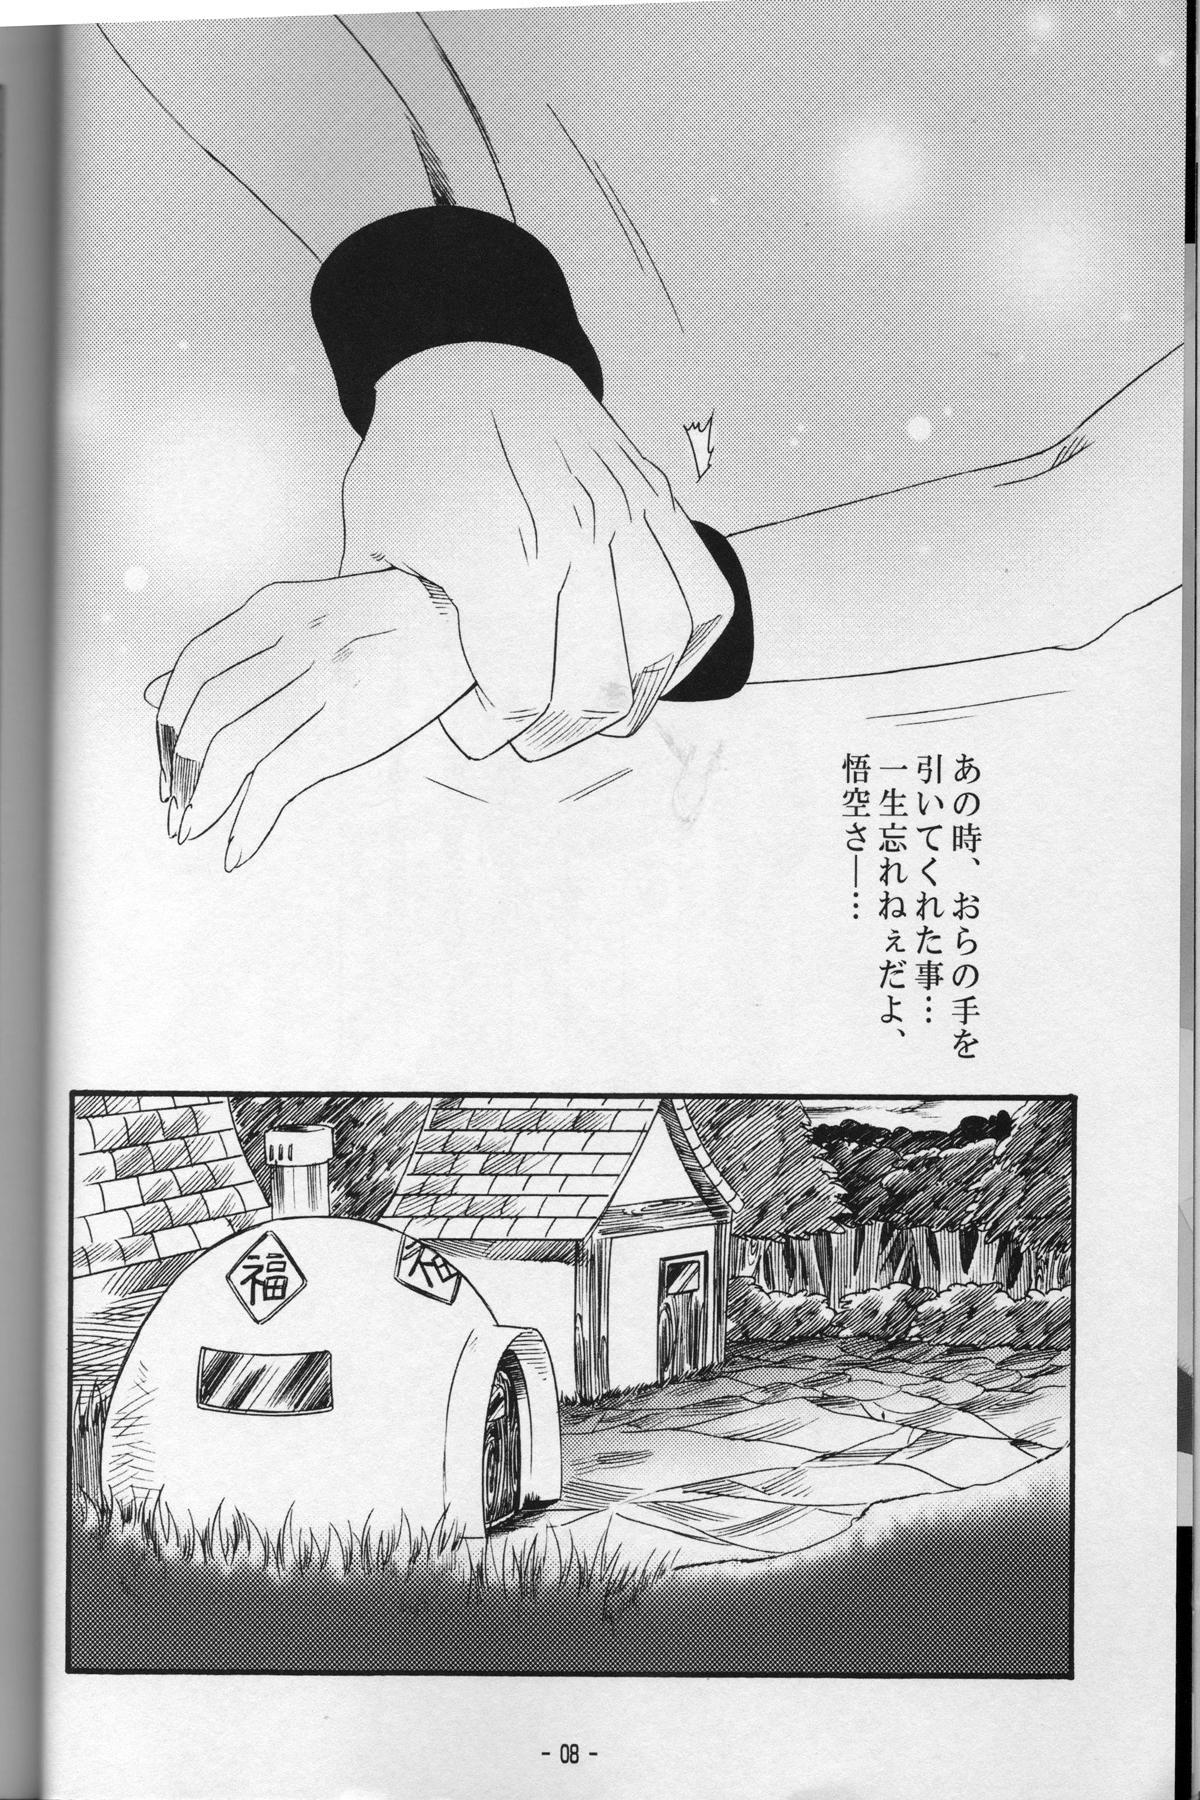 Shinmai Teishu to Koinyobo Z 6